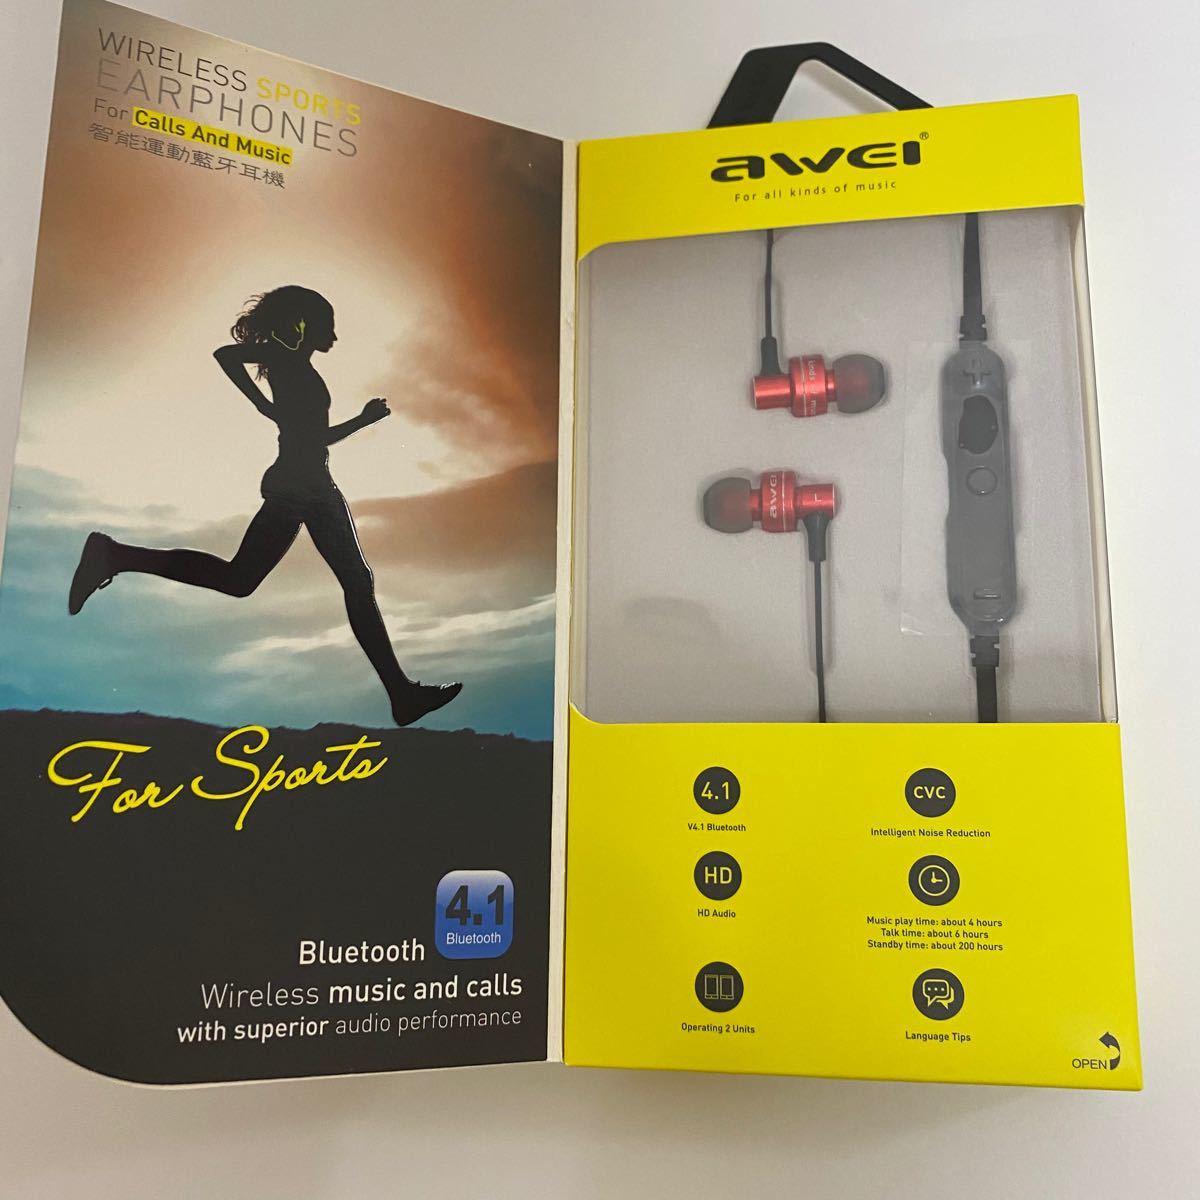 新品 Bluetooth ワイヤレス イヤホン AWEI A990 レッド 通話 ハンズフリー ワイヤレスイヤホン  カナル型